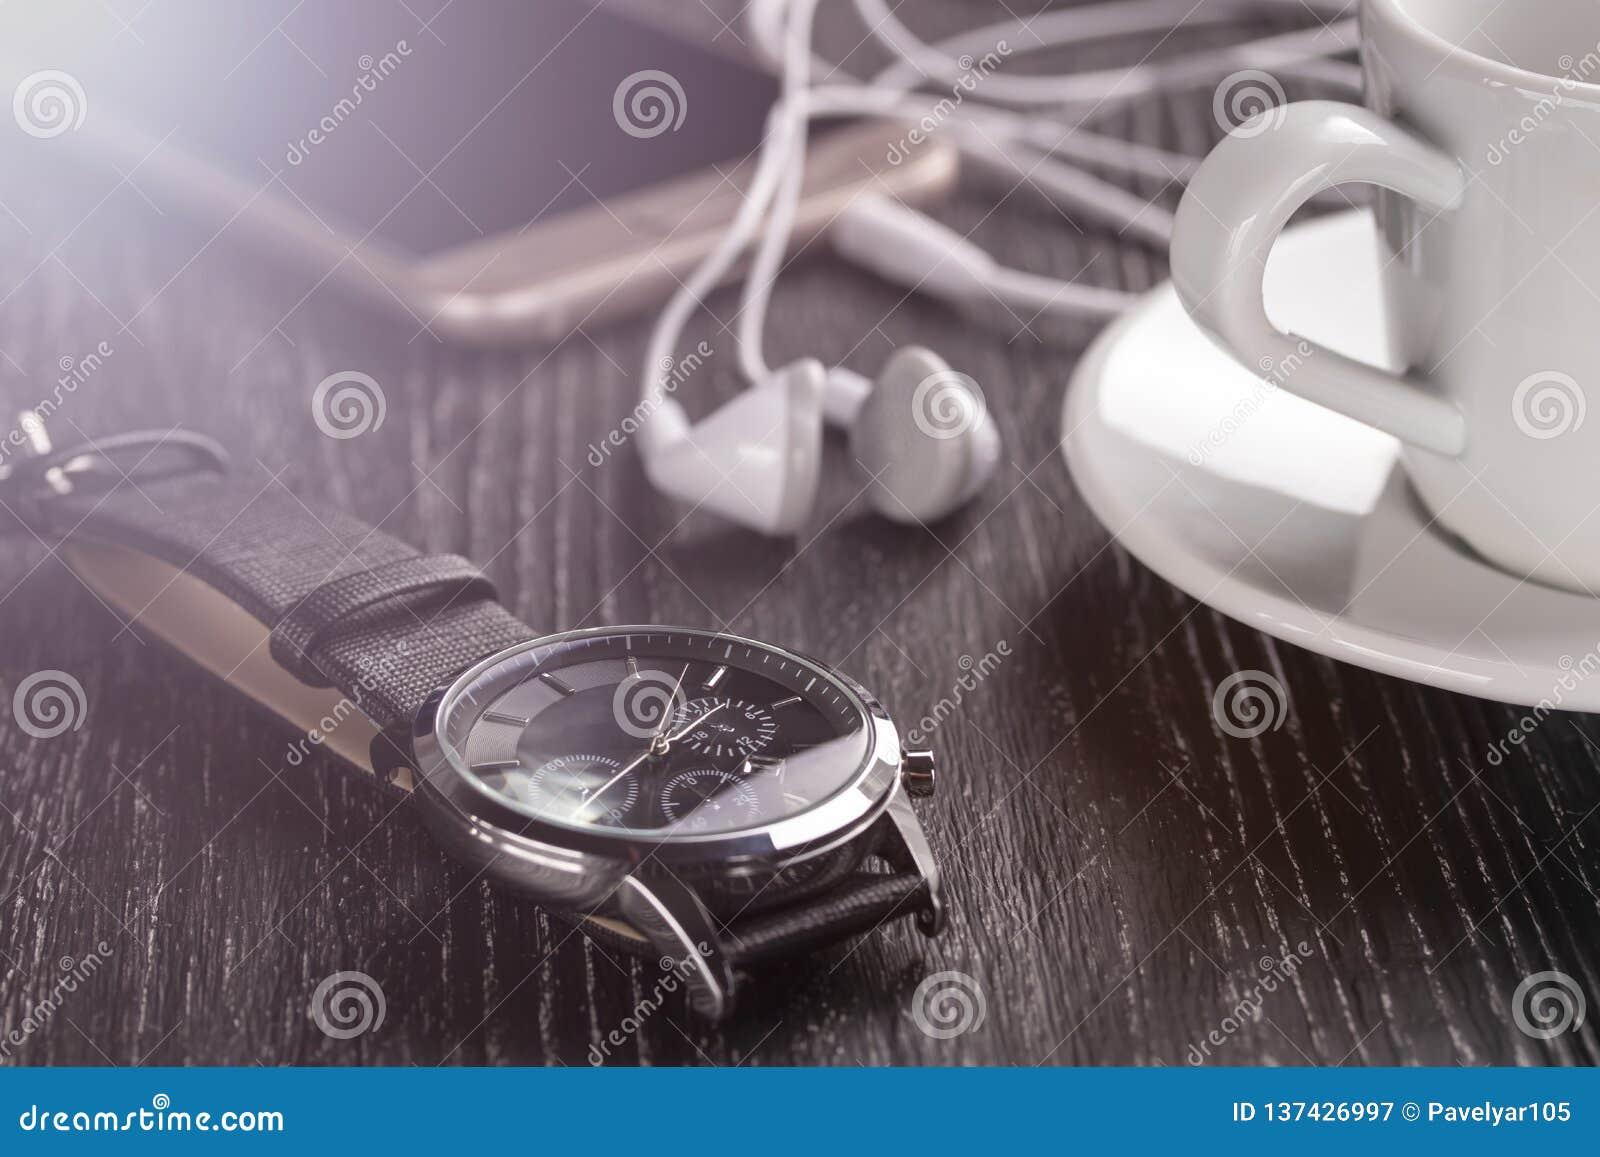 Relógio de pulso e telefone celular com fones de ouvido e uma xícara de café em uma tabela de madeira escura